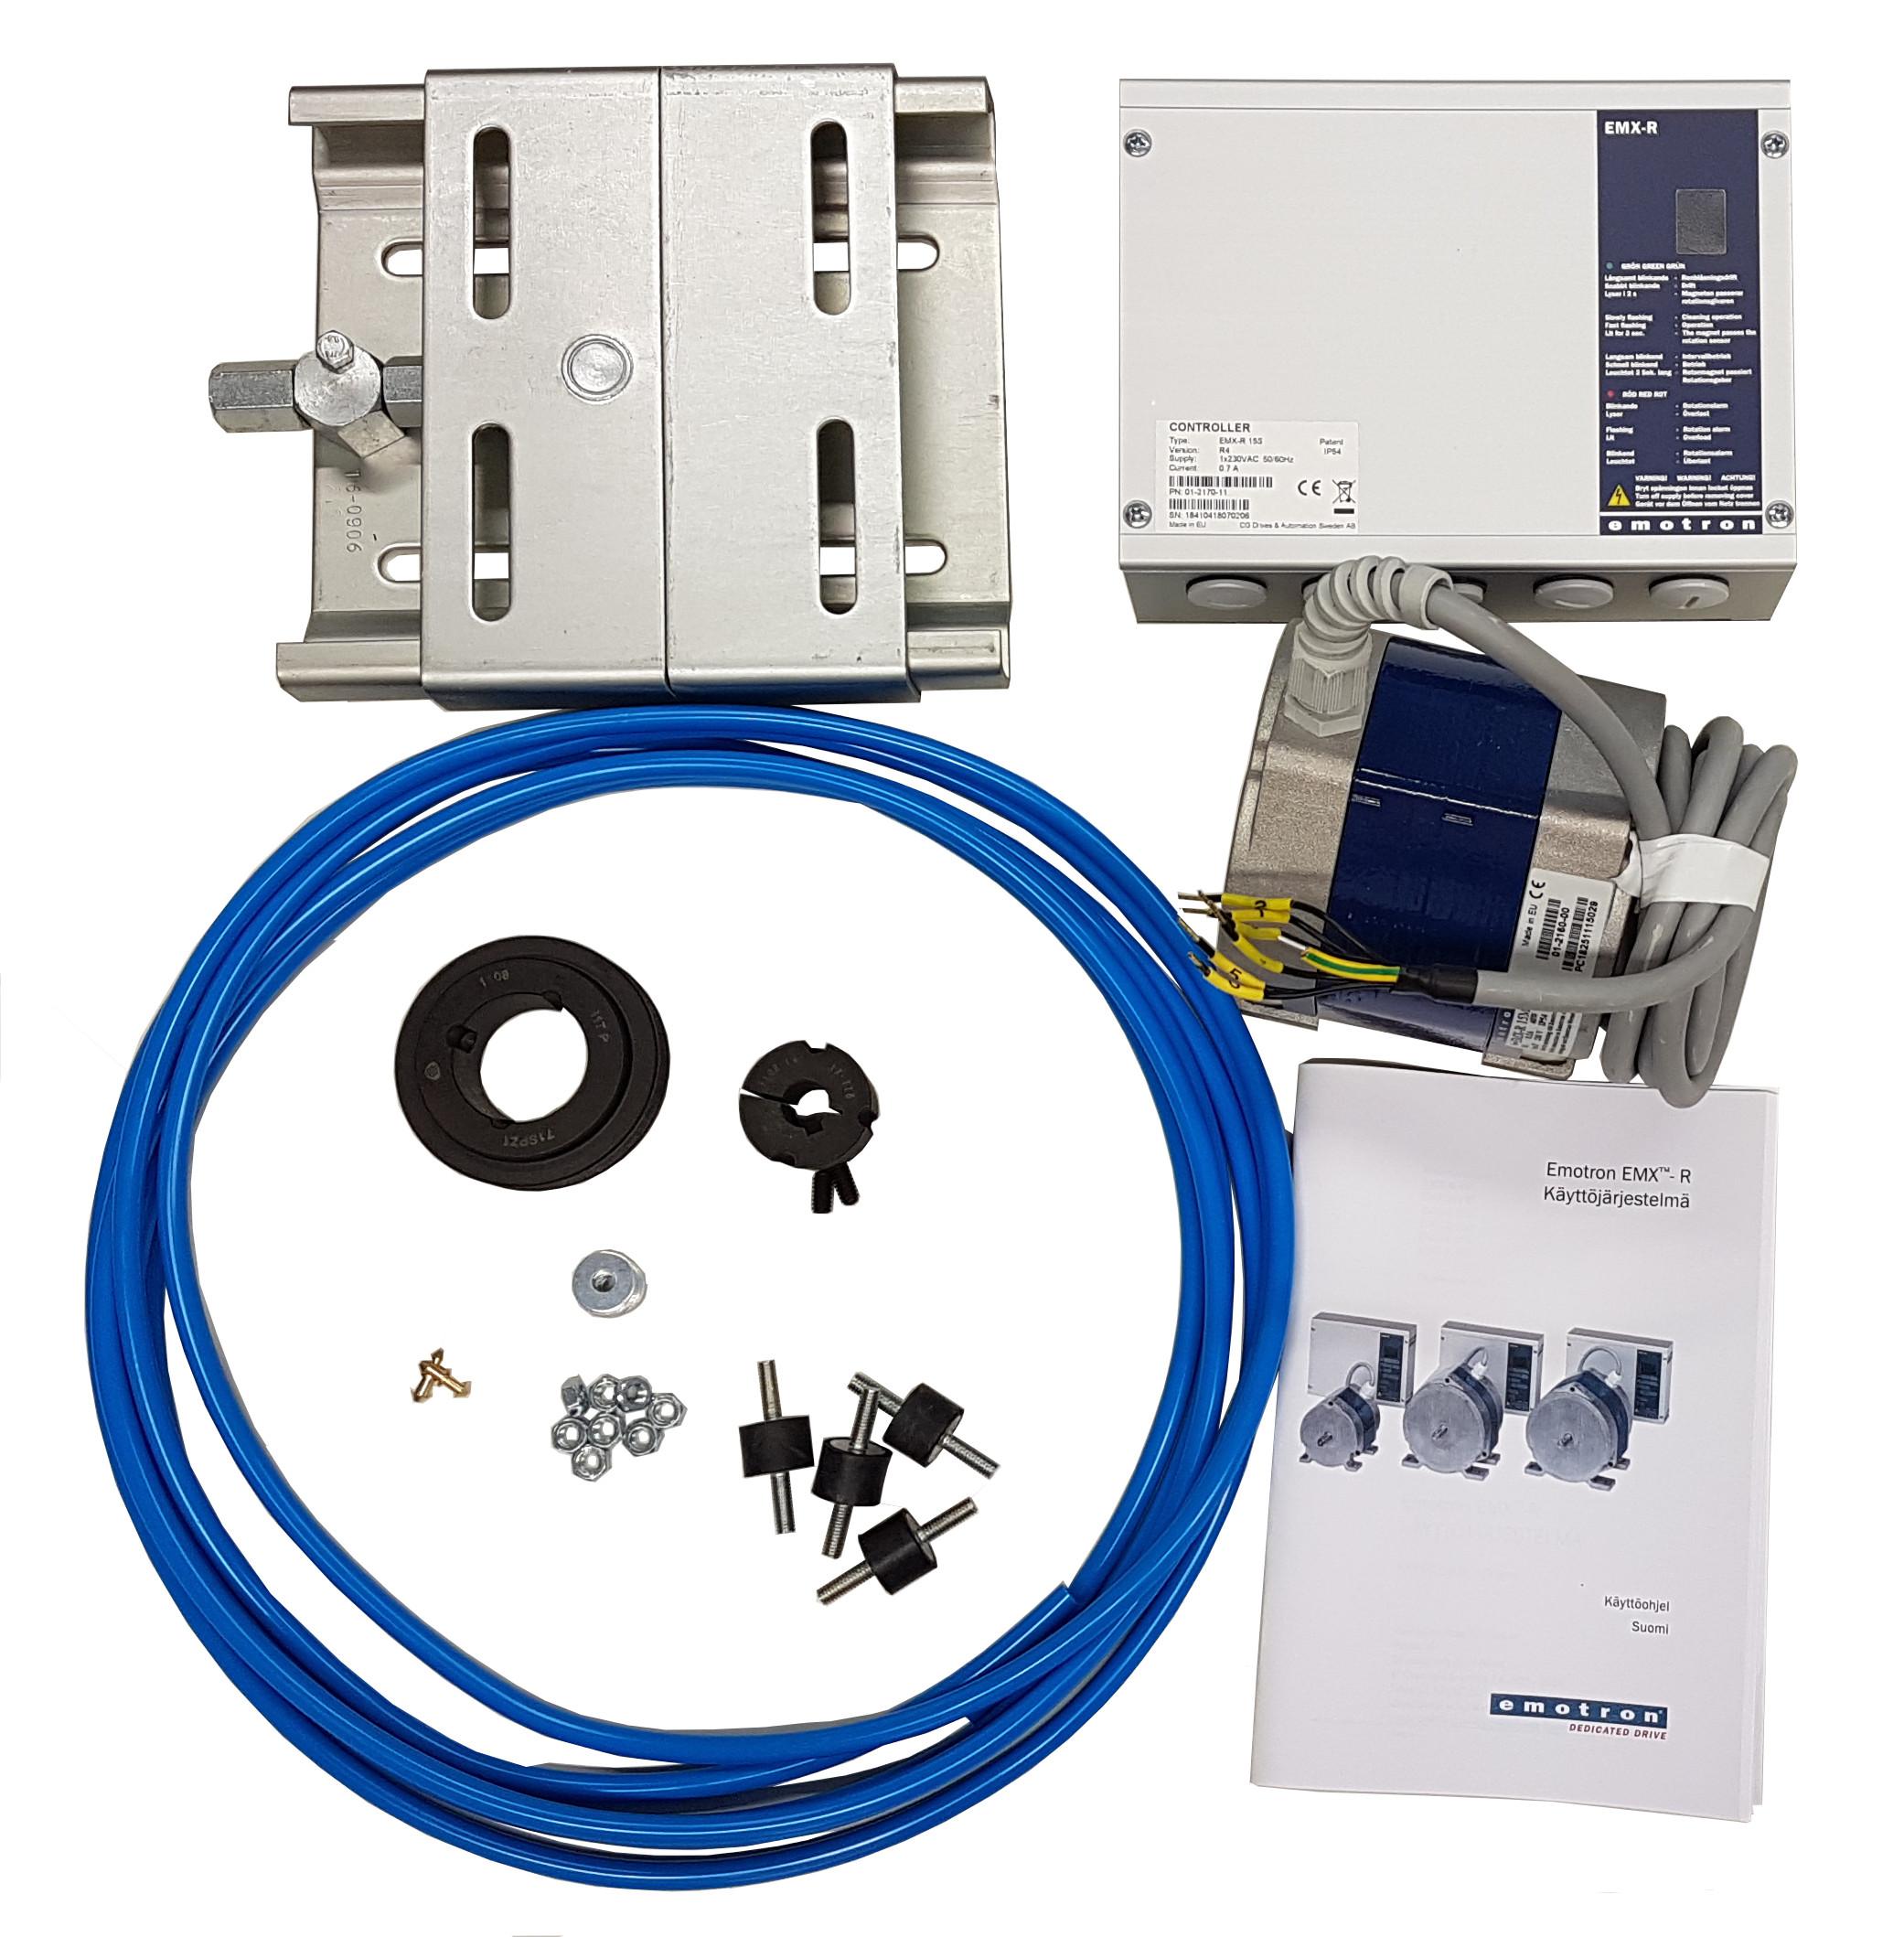 Täydelliset EMX-R järjestelmäpaketit pyöriville lämmönsiirtimille